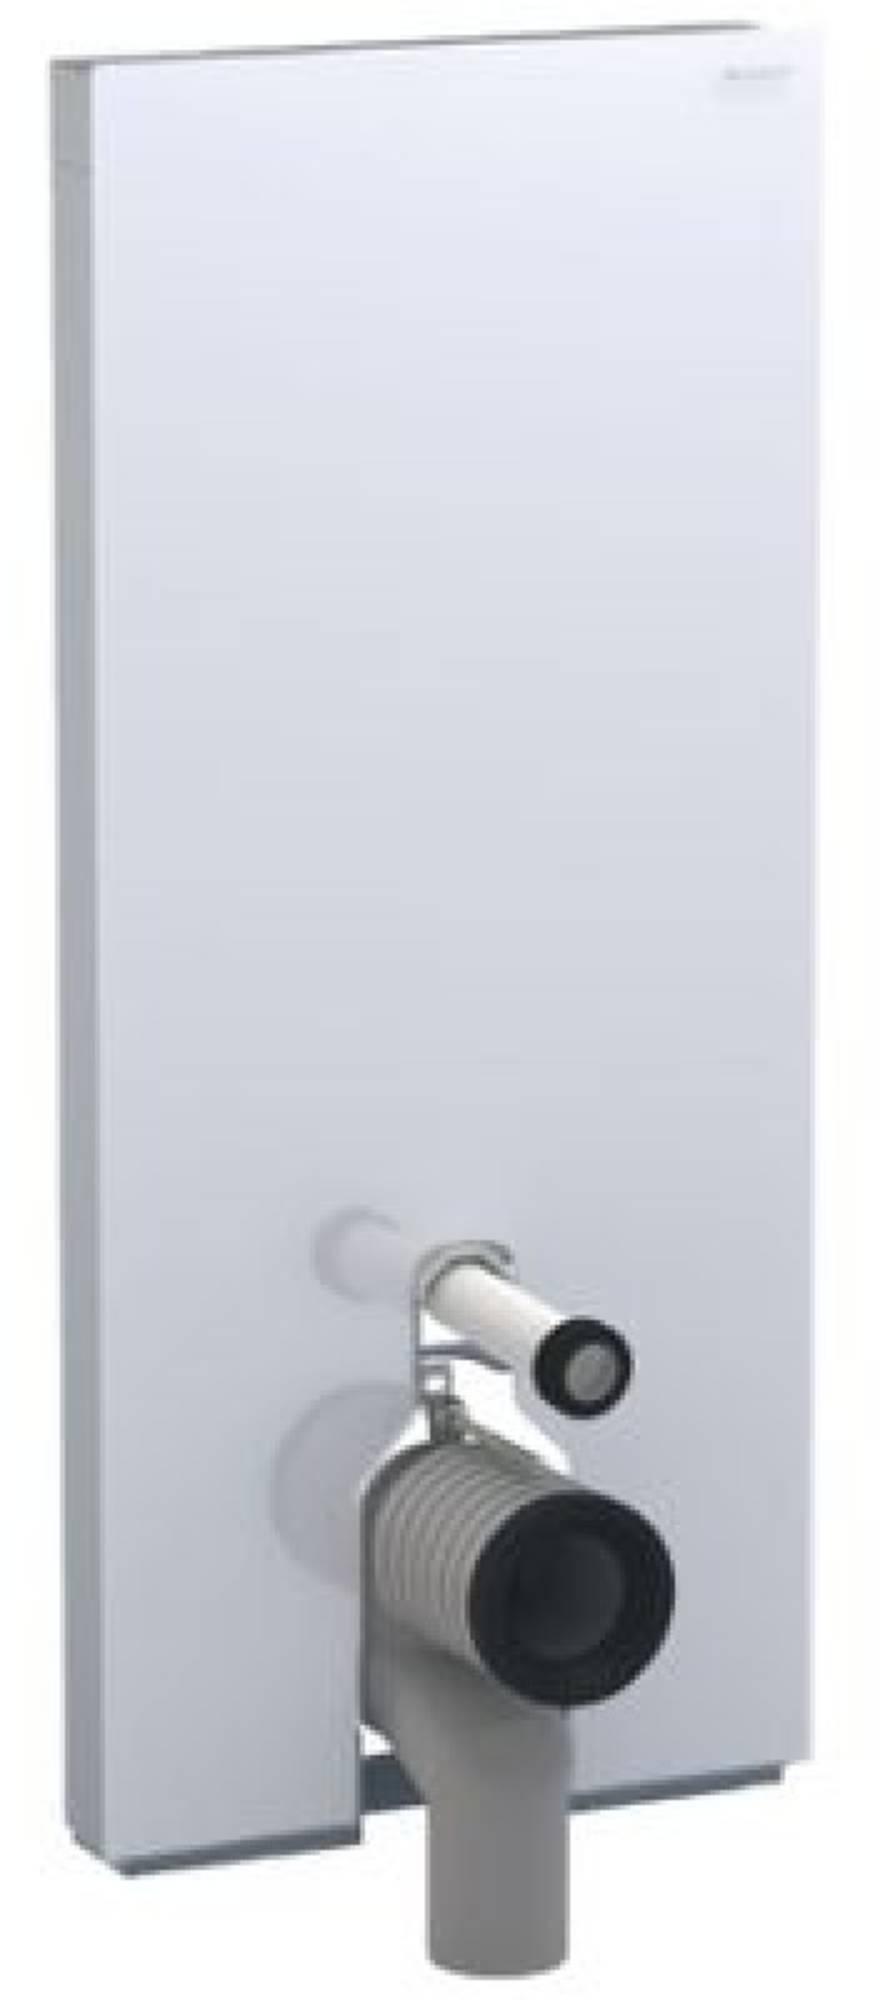 Geberit Monolith plus module voor staand closet h114 glas zand aluminium